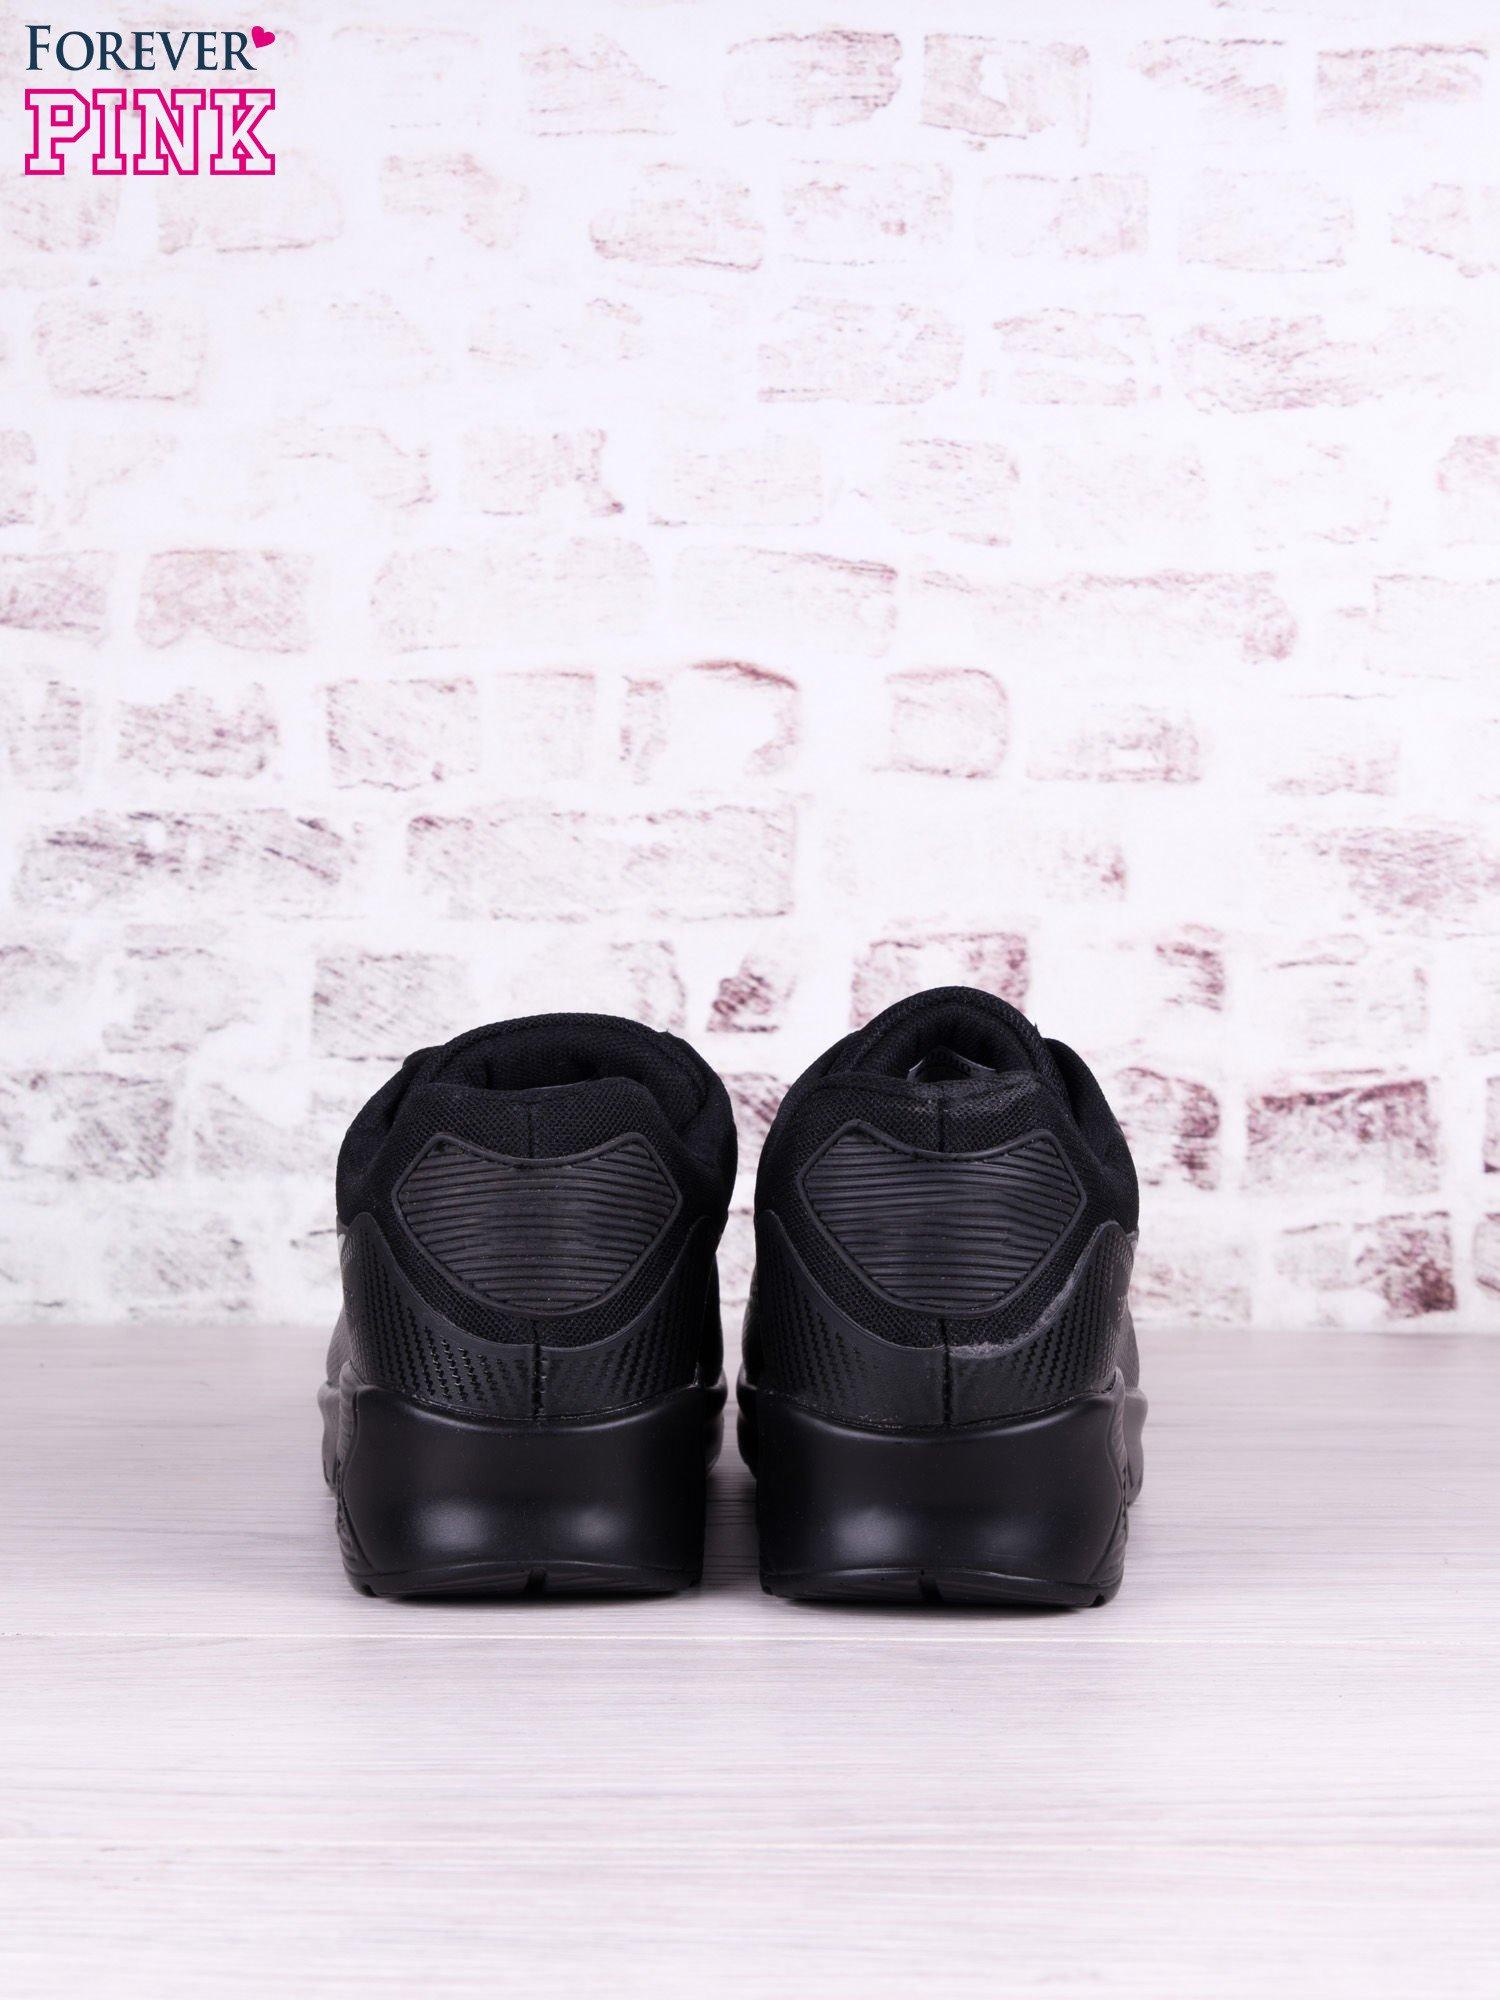 Białe buty sportowe faux leather Milkshake na poduszce powietrznej